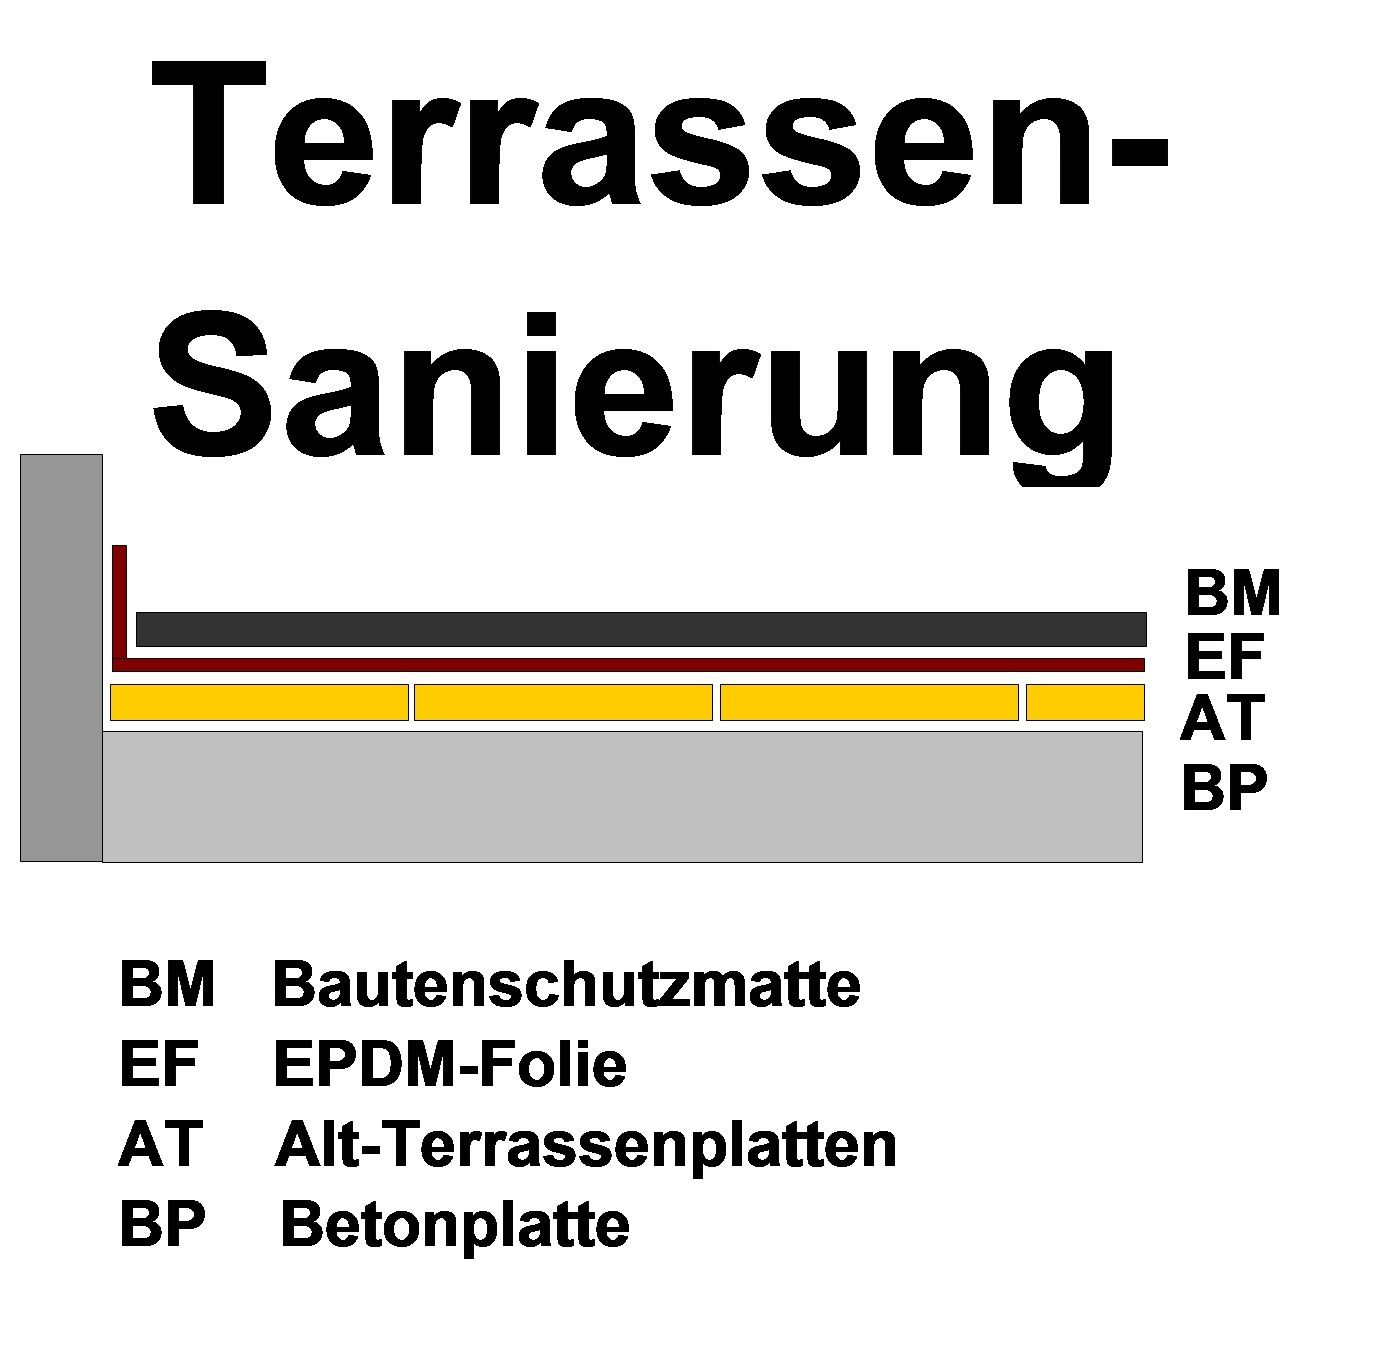 Sanierung Von Alt-Terrassen - - - Abdichtung - - - Neubelegung Mit